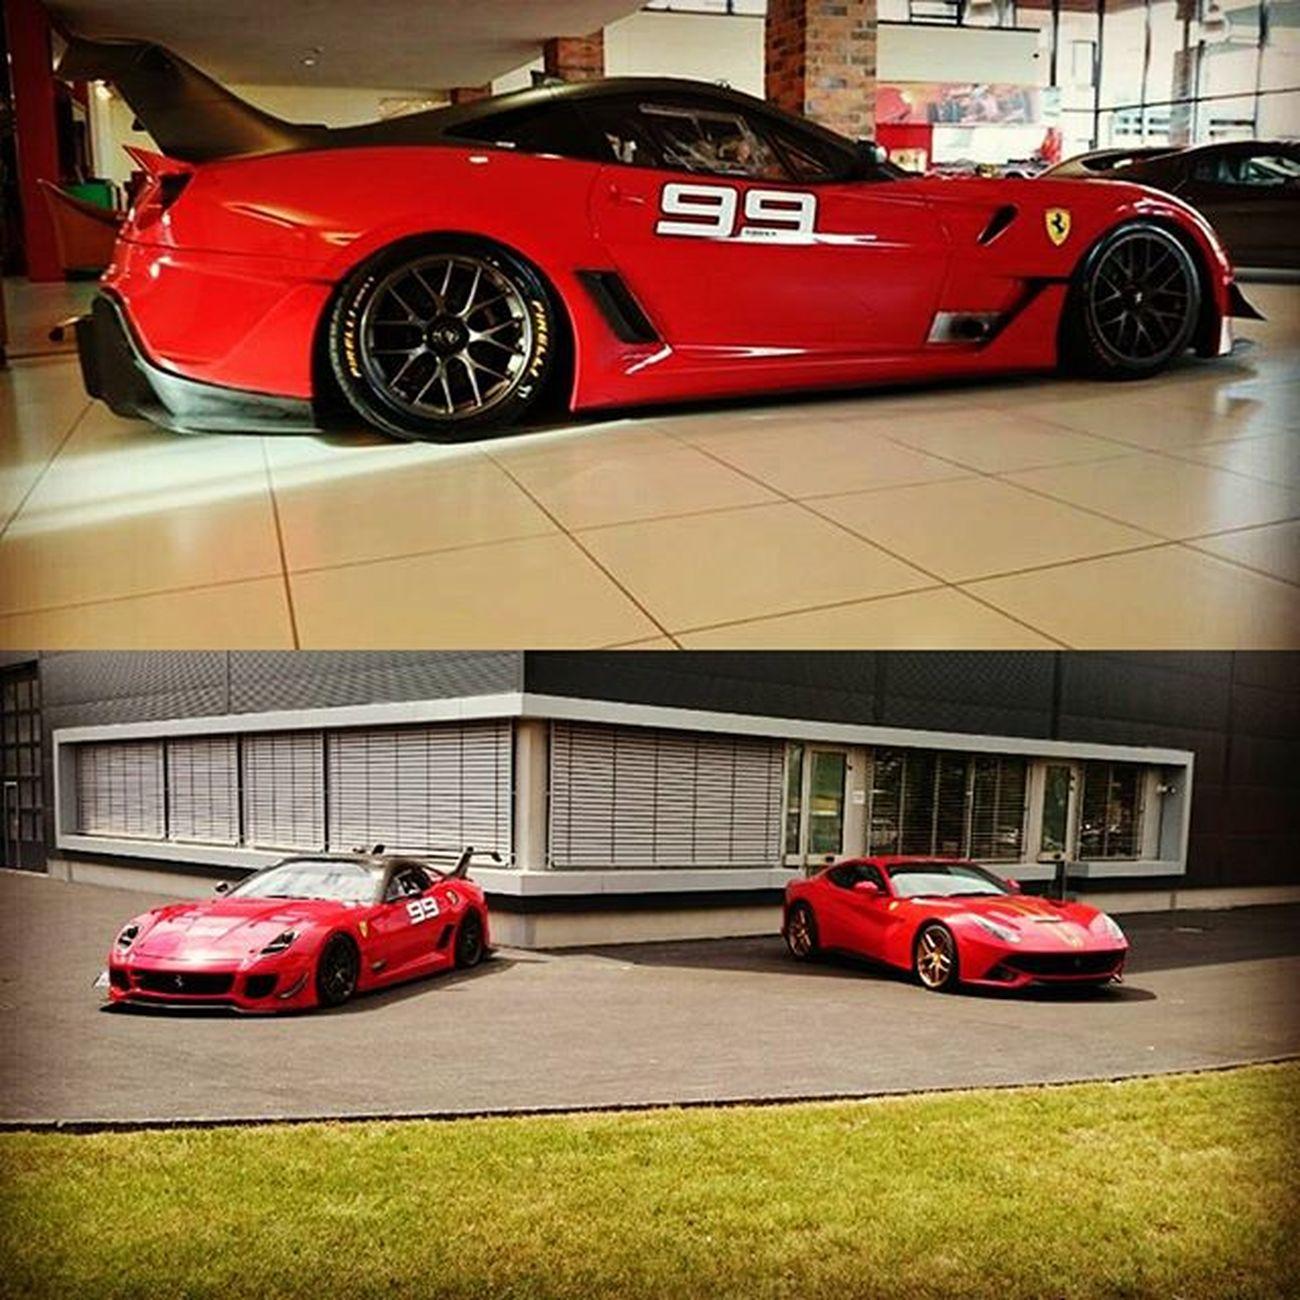 Ferrari 599xx F12 Ferrarif12berlinetta Fxx Ferrari599 Enzo